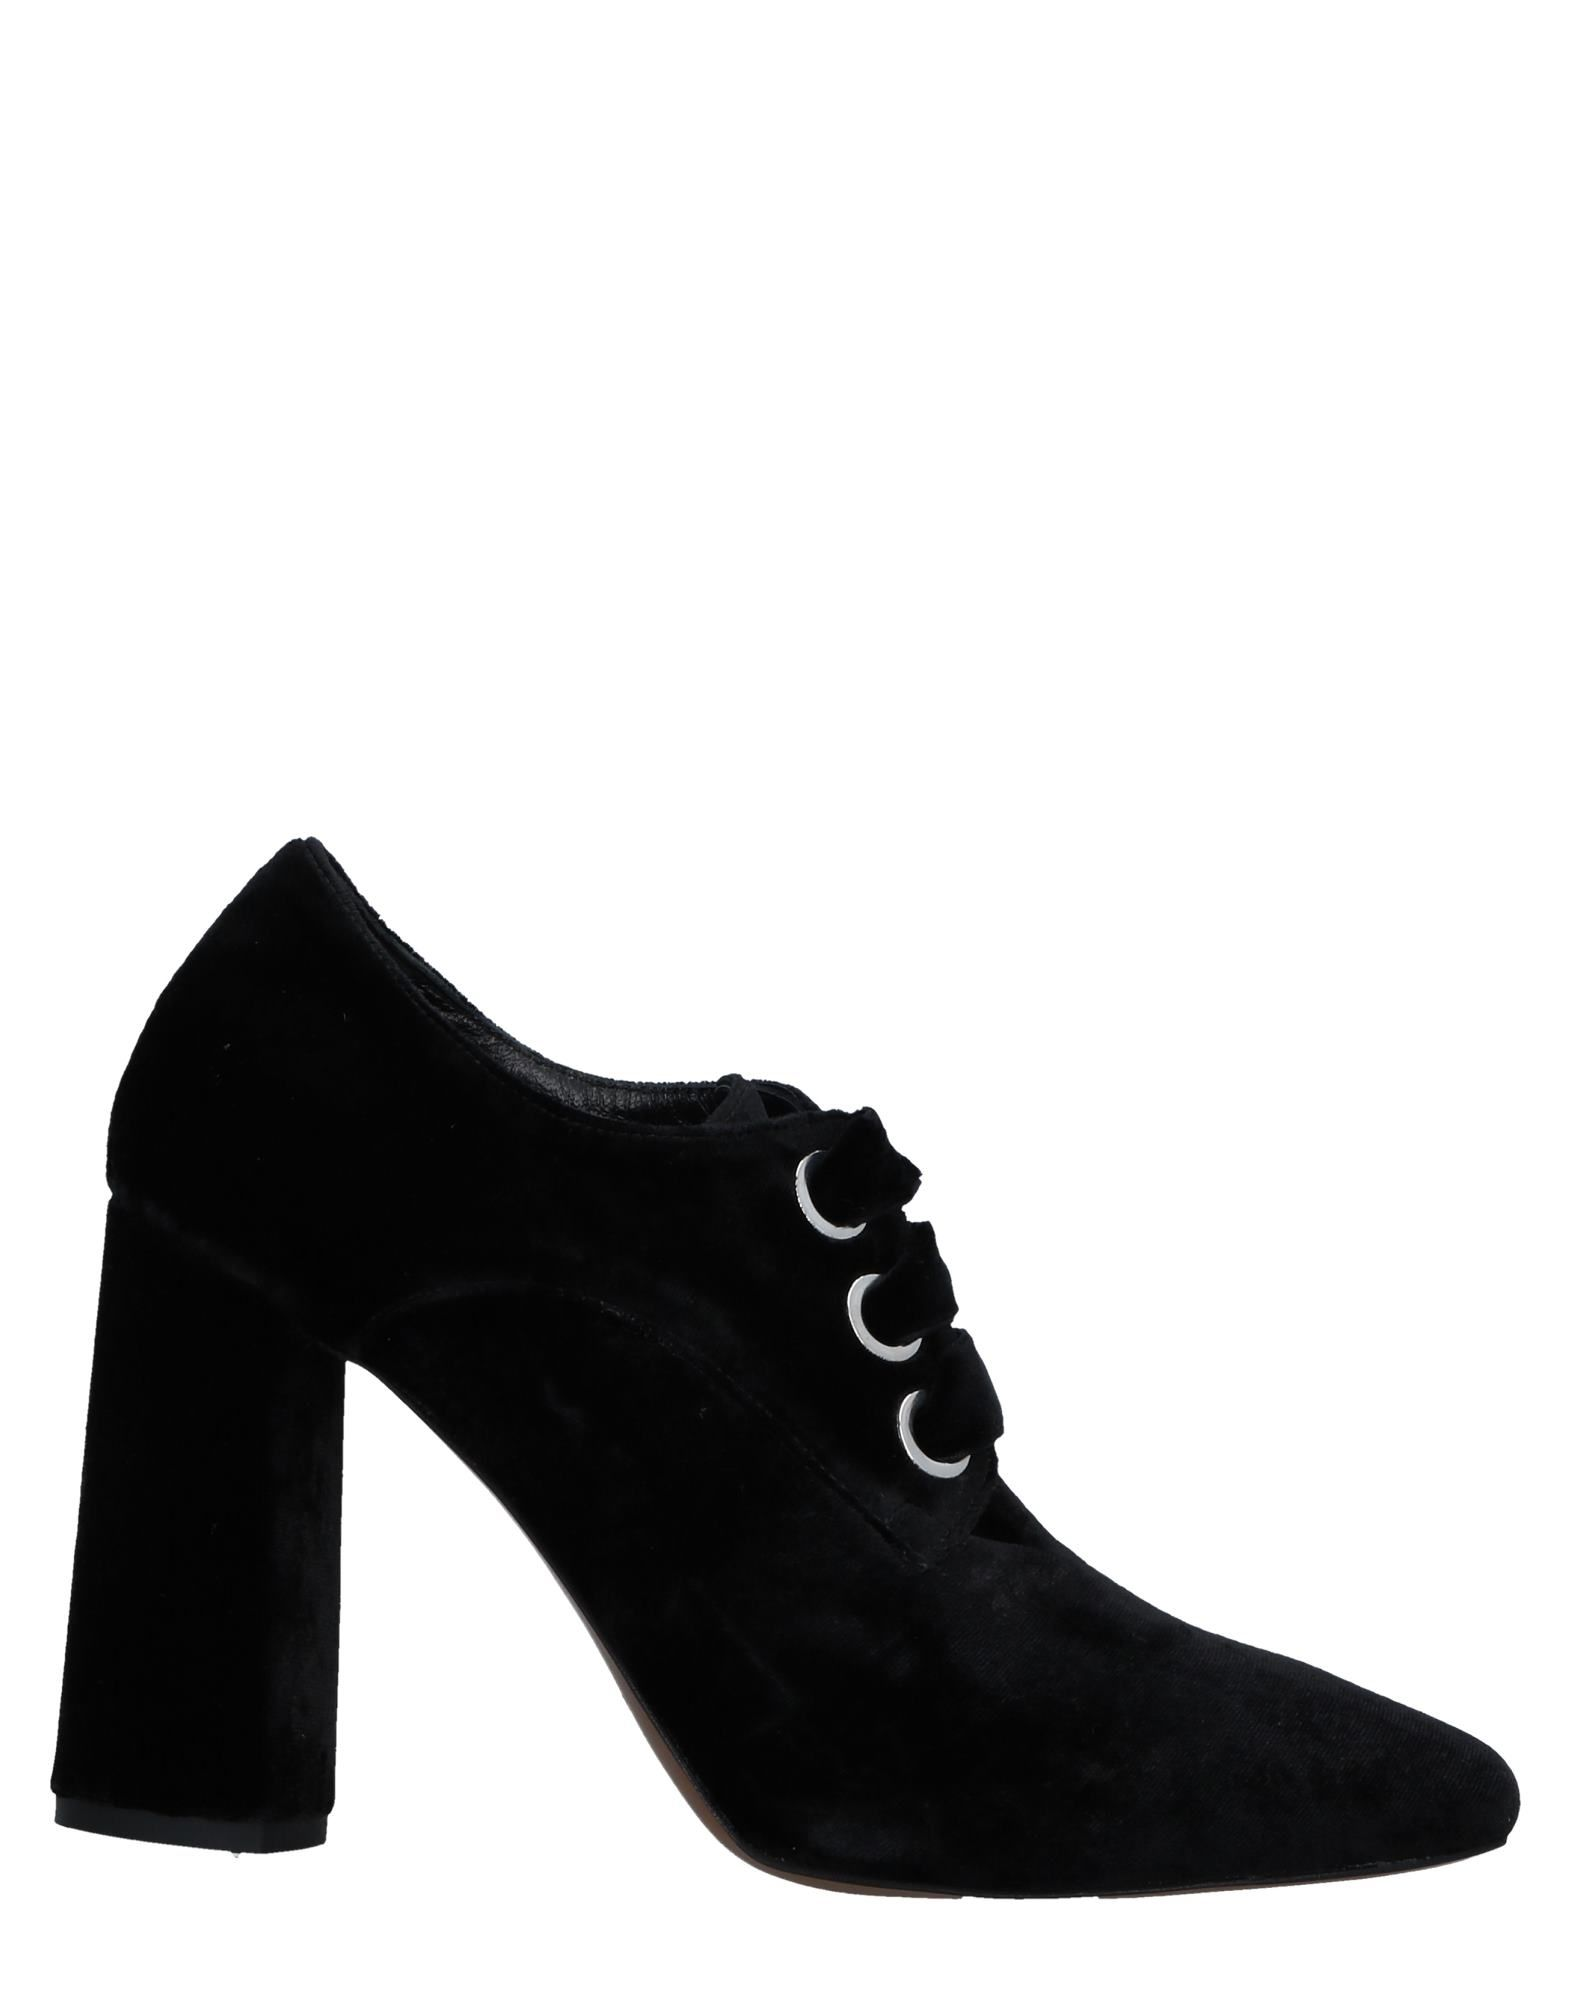 Les Trois Garçons Schnürschuhe Damen  11514238LB Gute Qualität beliebte Schuhe